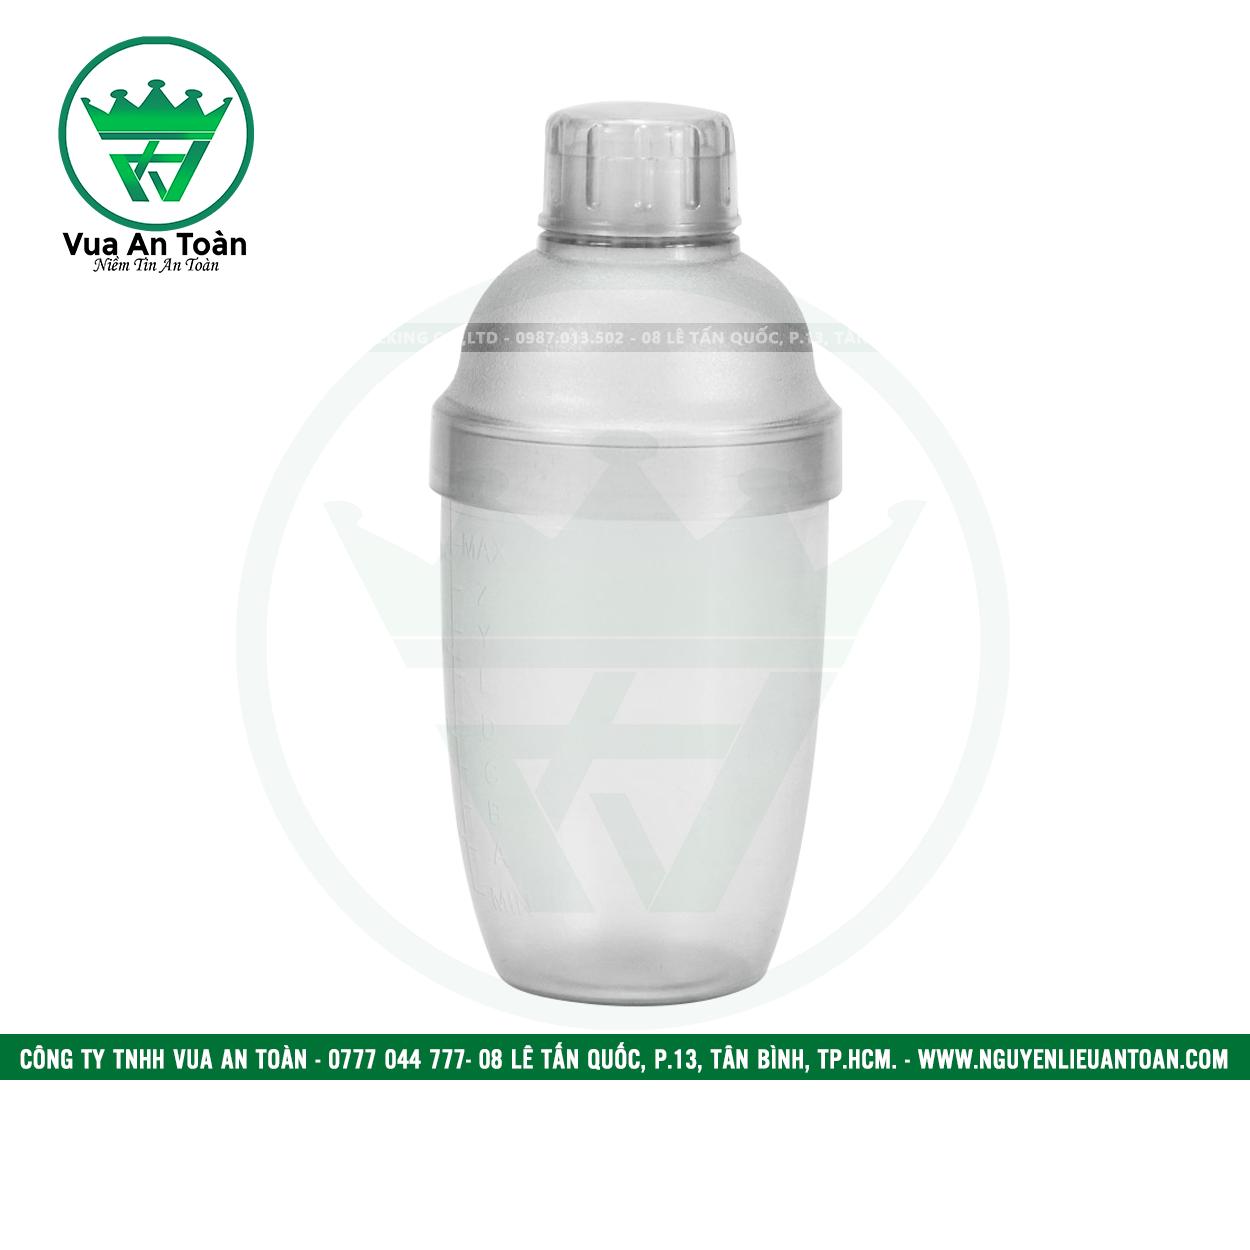 Bình lắc nhựa 350ml